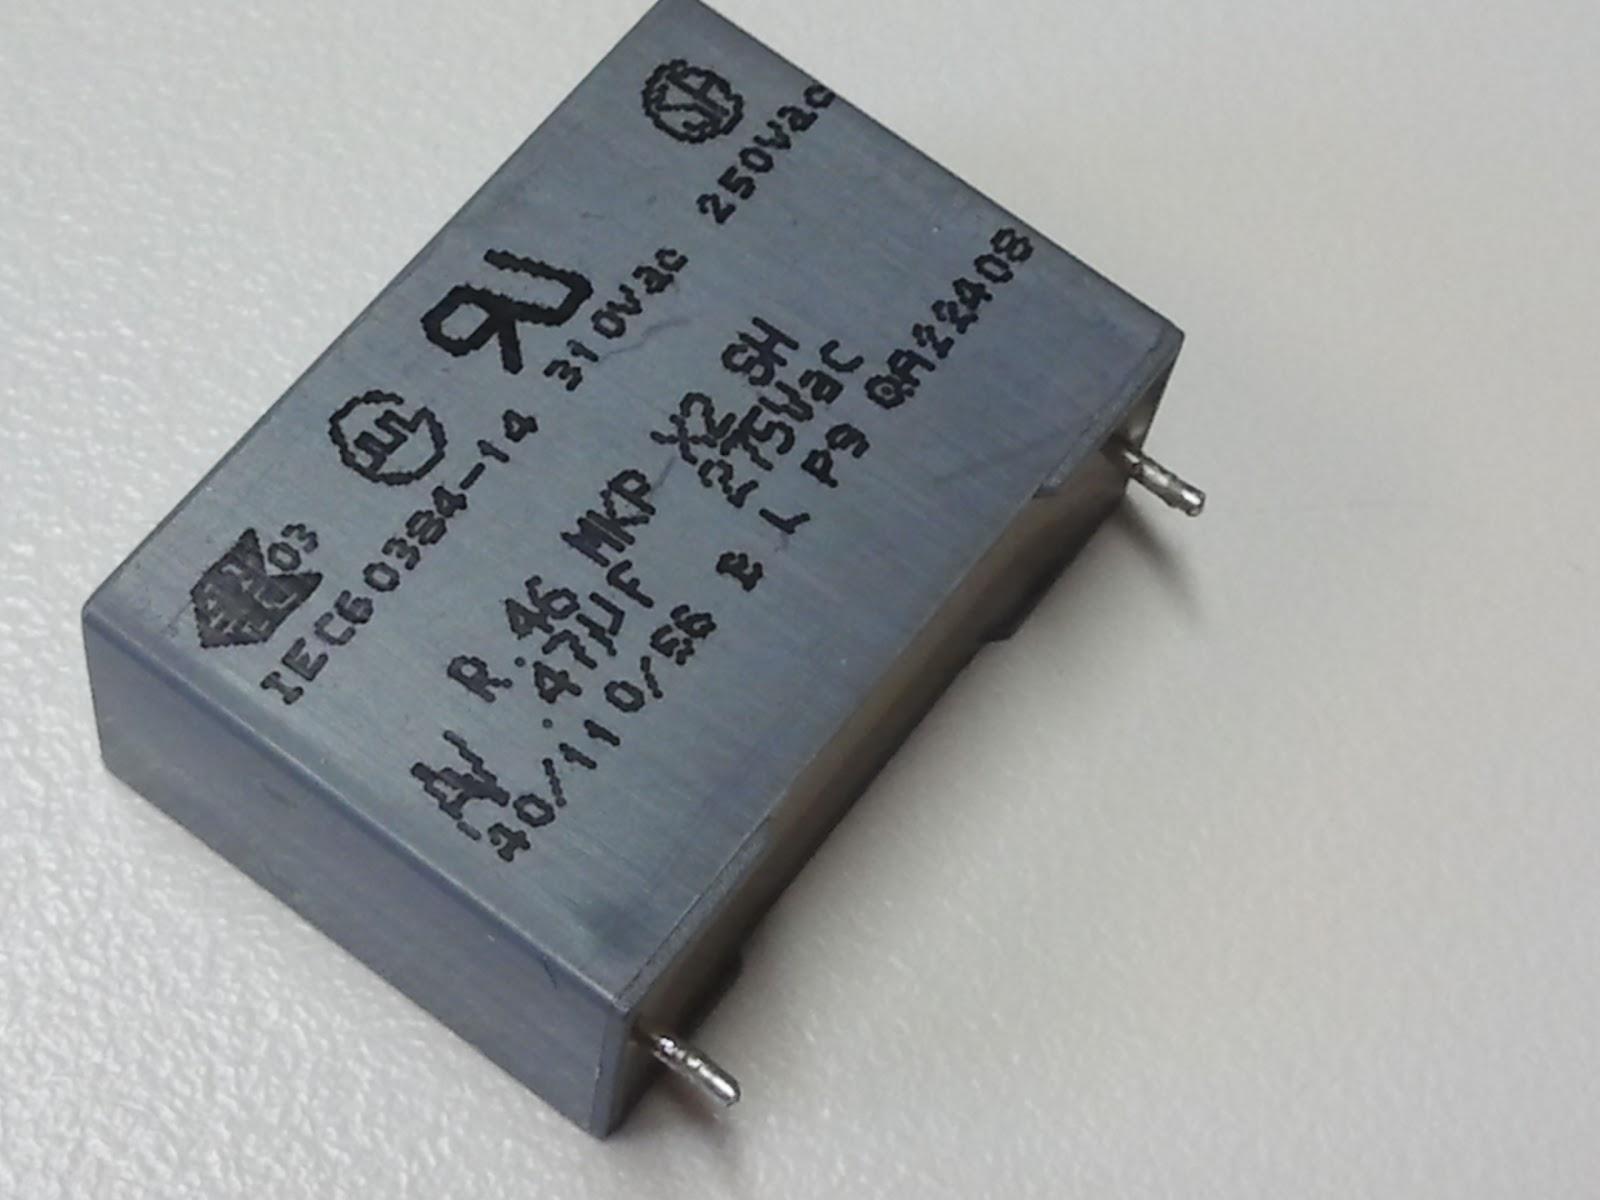 Averia centro de planchado rowenta un blog sobre bienes for Averia termo electrico